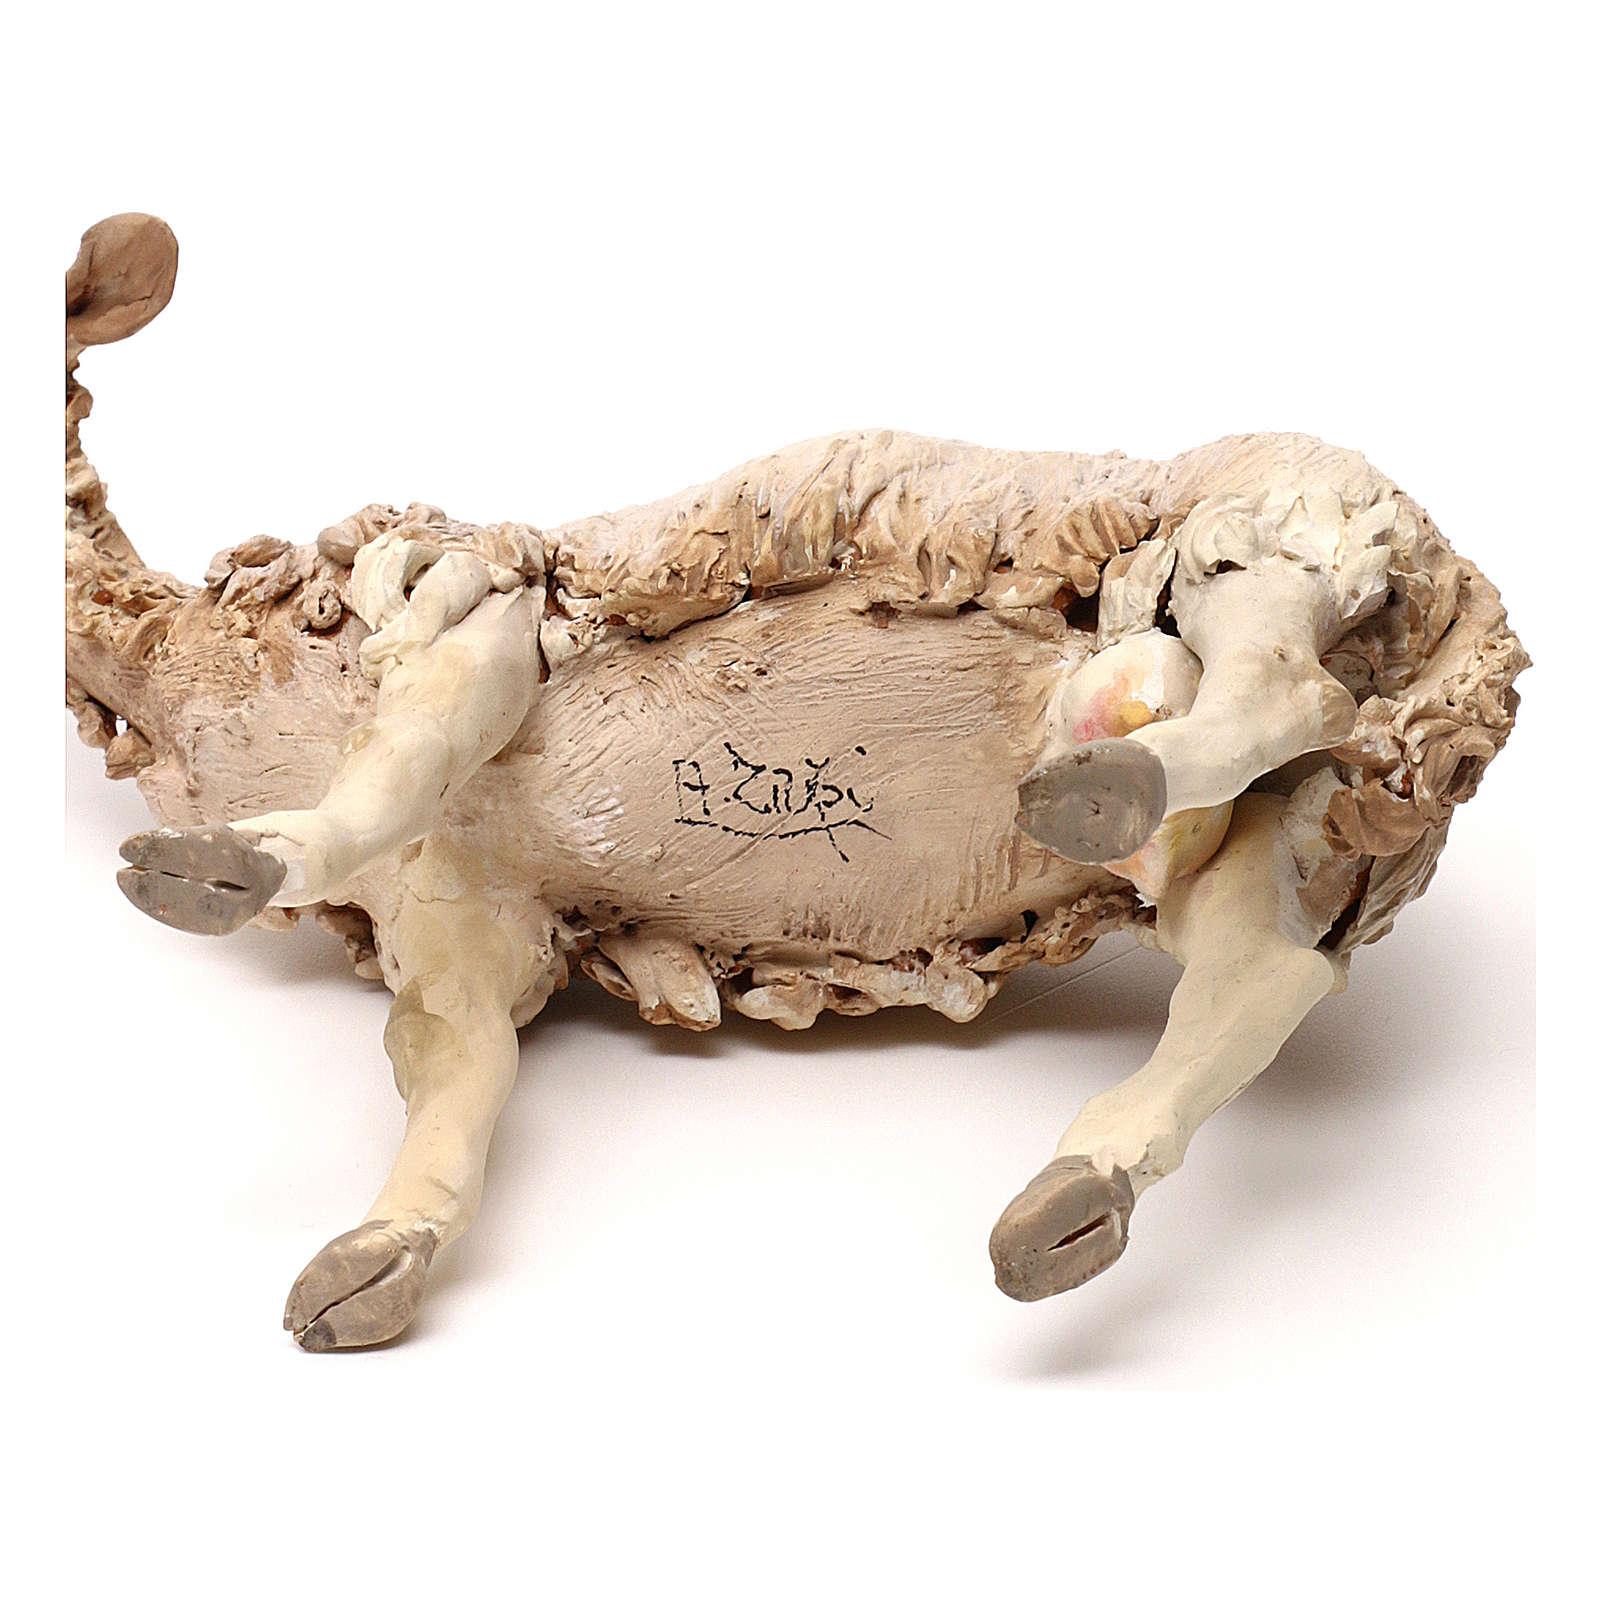 Pecorella in piedi statua presepe 30 cm Tripi  4